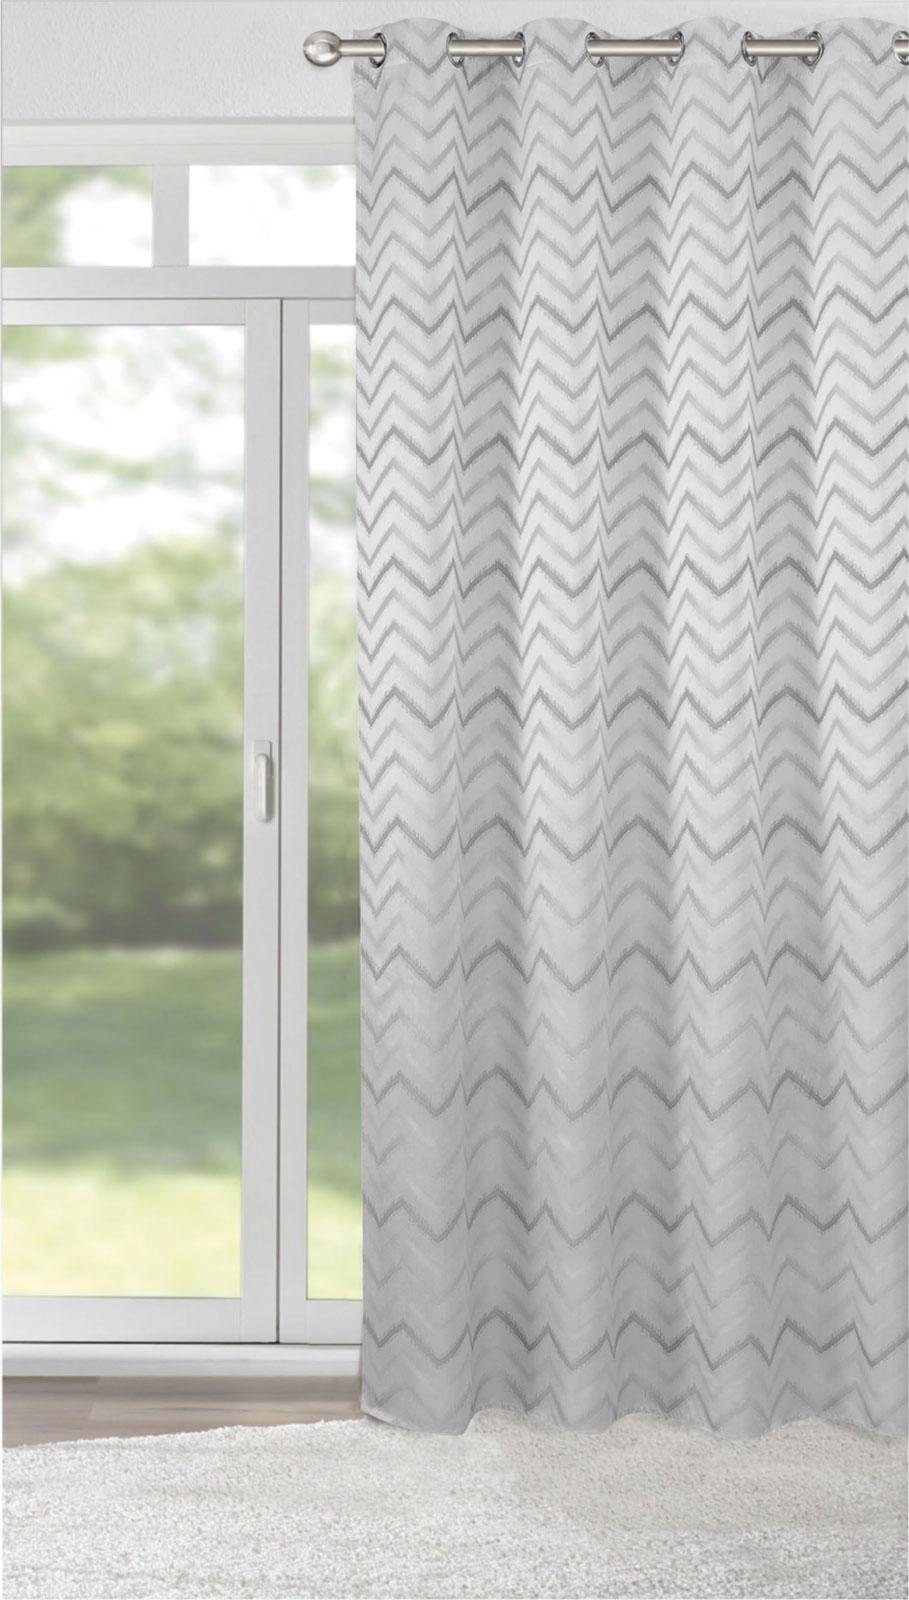 Gardinen und Vorhänge - Ösenschal Vorhang Gardine 140x245 blickdicht mit Metallösen Ziko 898092  - Onlineshop PremiumShop321